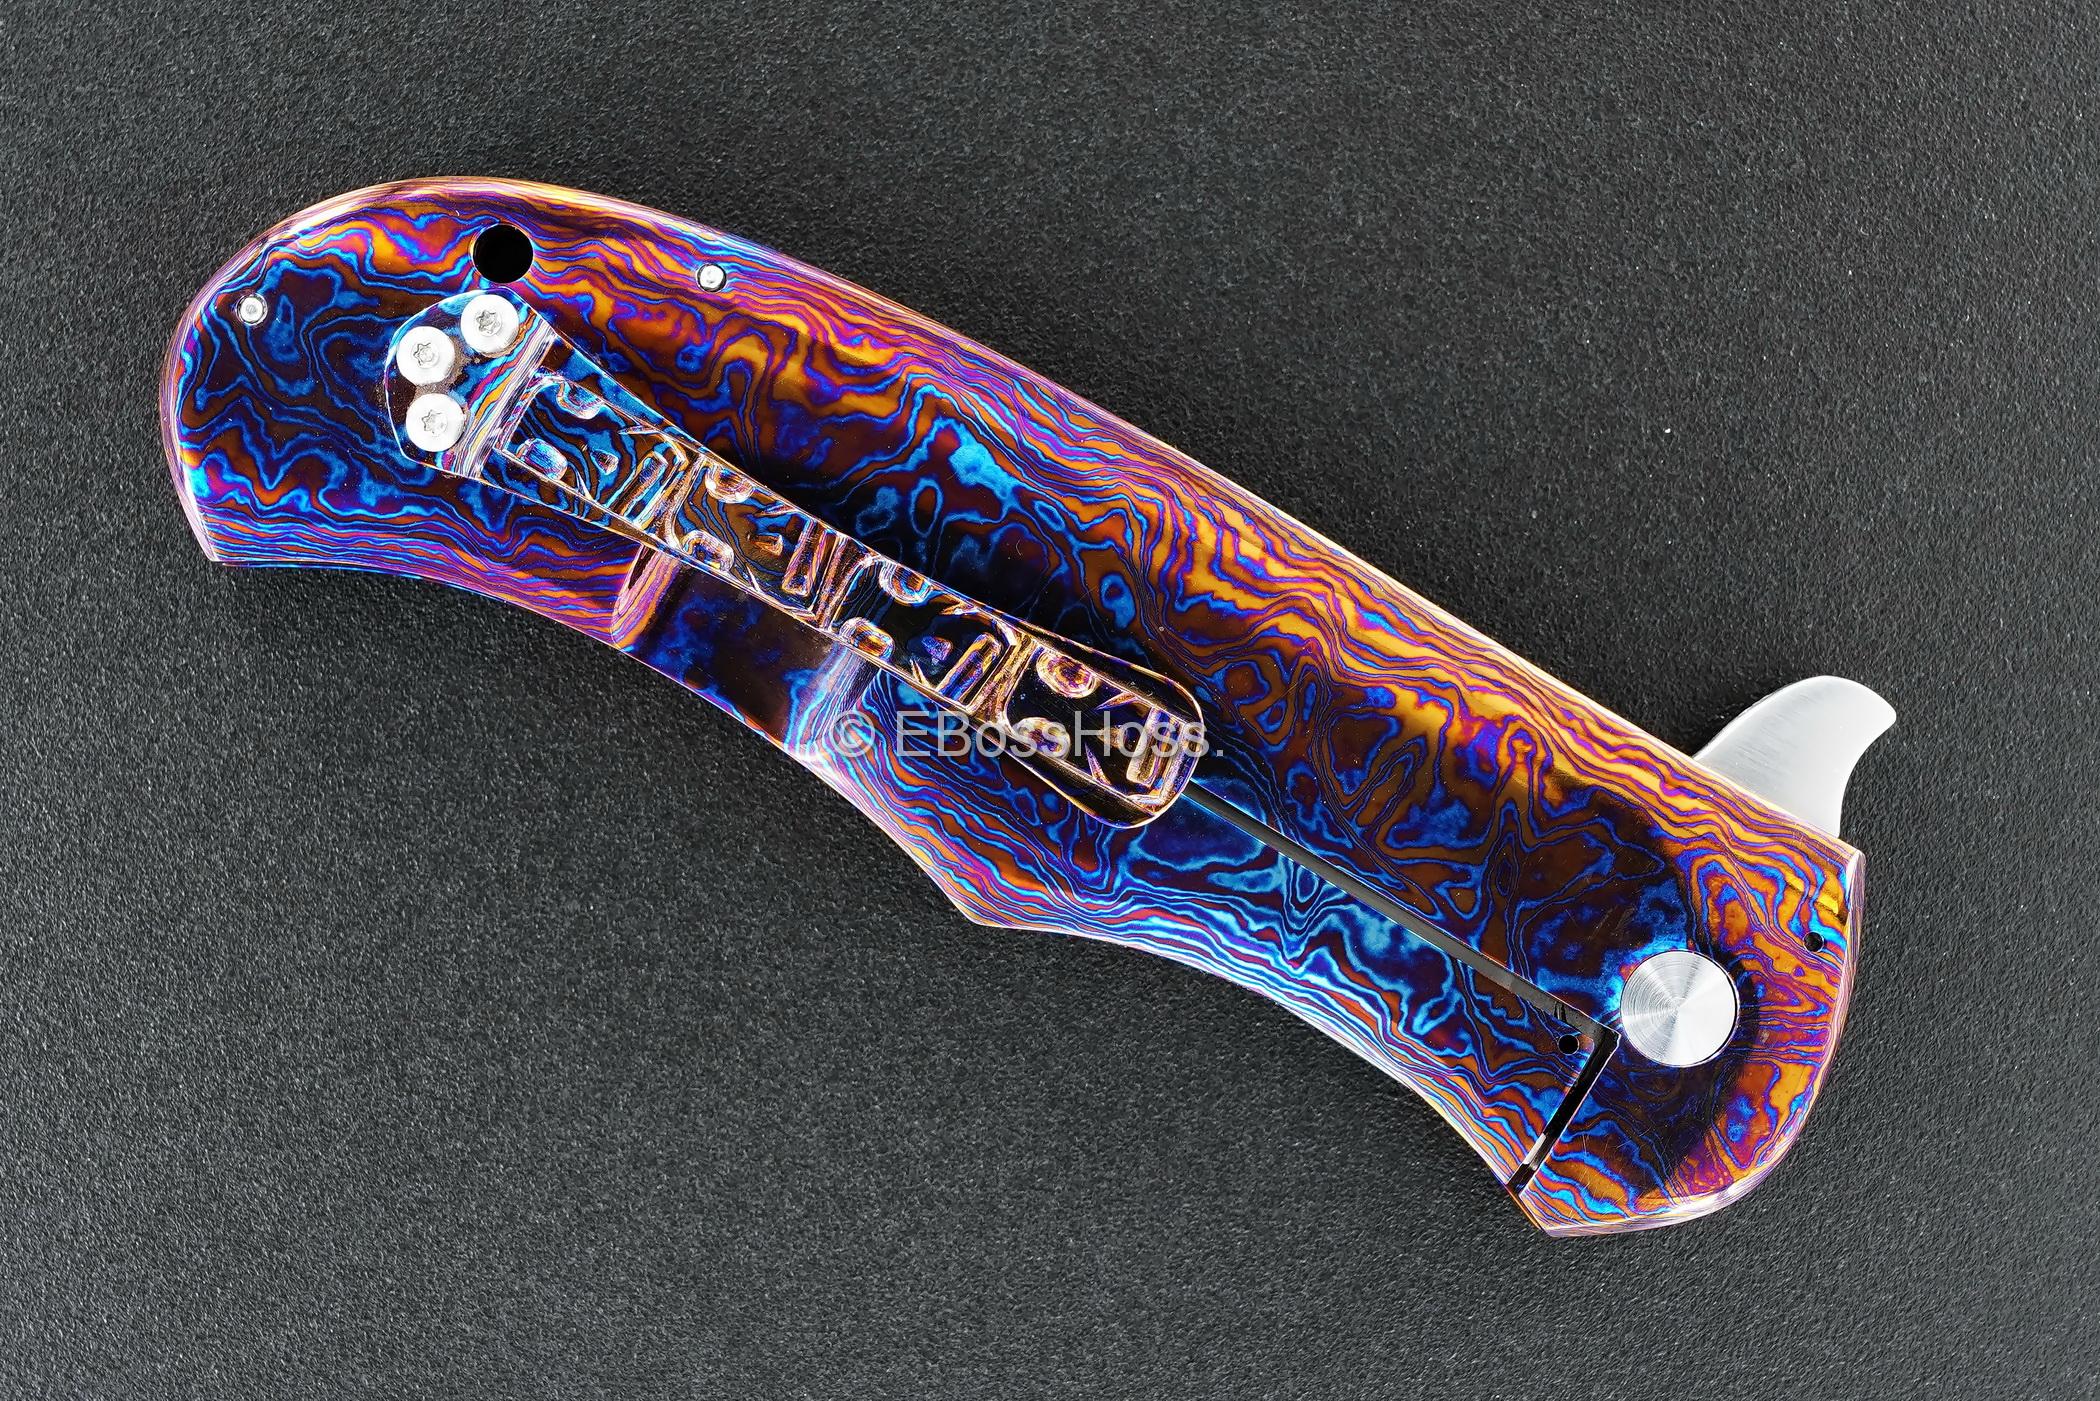 D.B. Fraley Custom Very Deluxe Shamal 4.0 Flipper